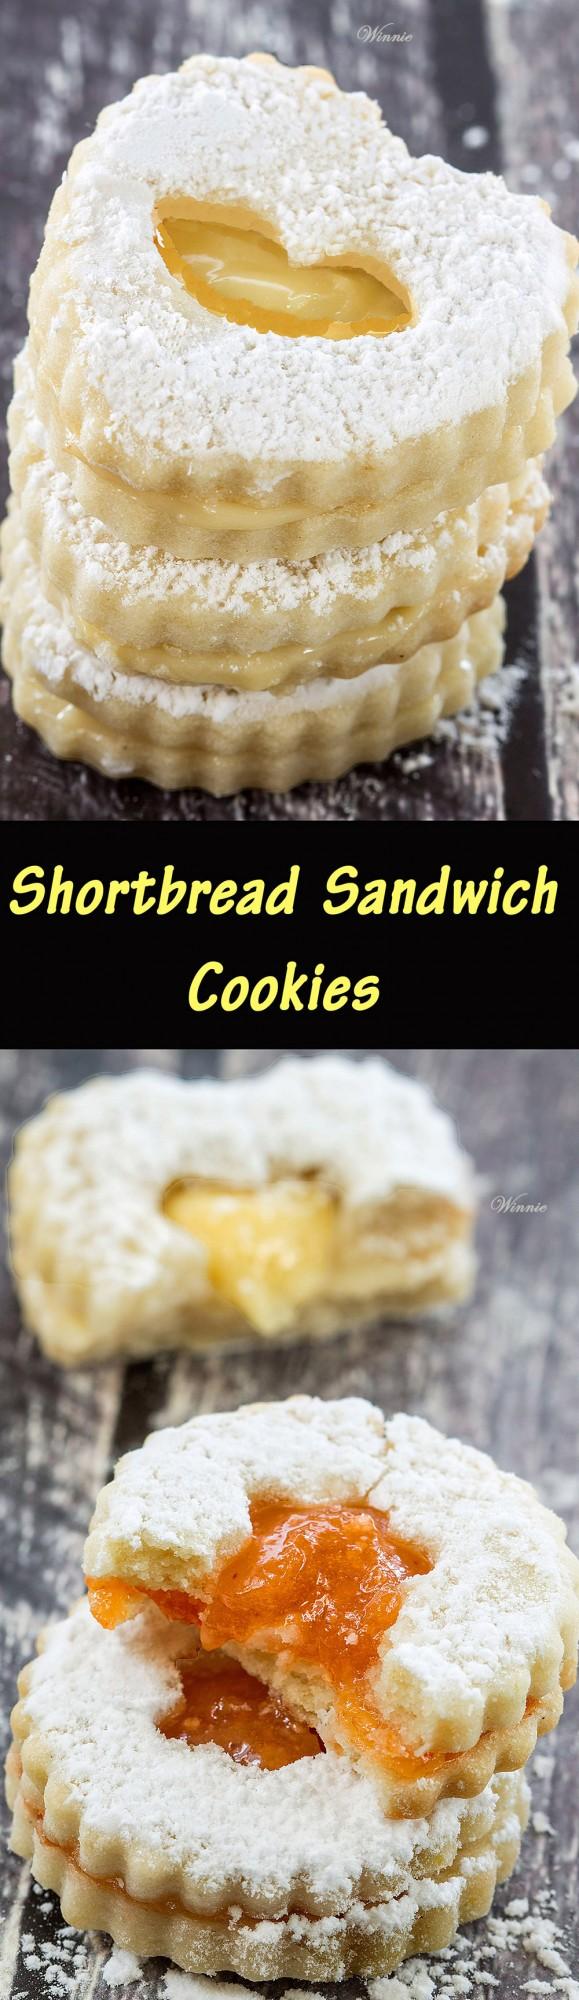 עוגיות סנדוויץ ריבה - Shortbread Sandwich Cookies ...